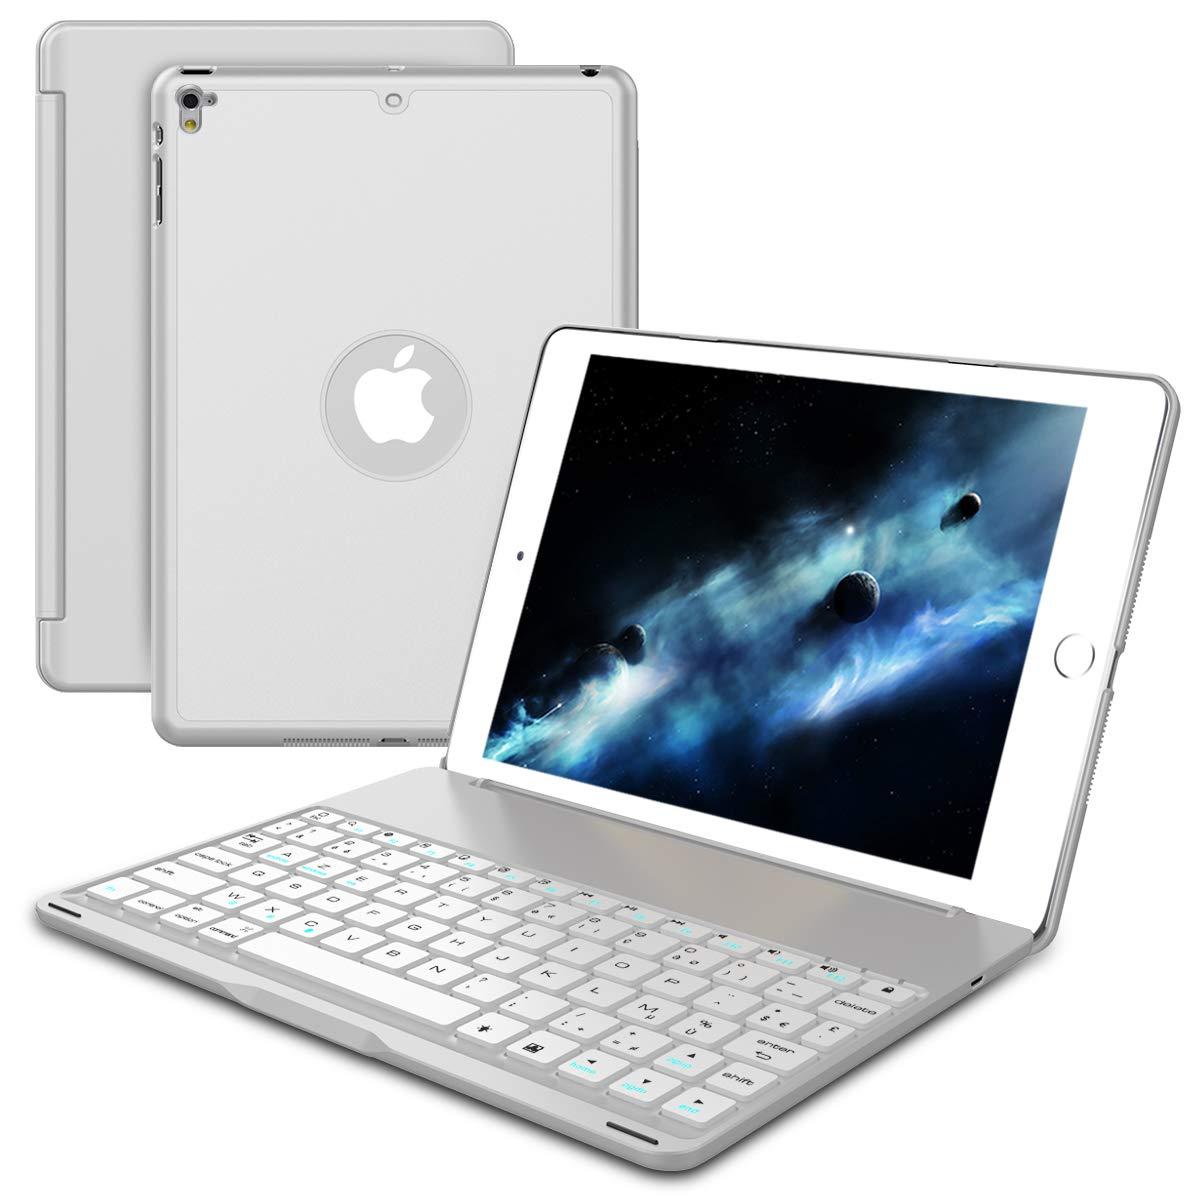 第一ネット Scheam カバー iPad Pro 9.7 ケース カバー 0932-9N-608 9.7 ポーチ ポーチ 高耐久 保護, シルバー, 0932-9N-608 シルバー B07L6WKDBT, OldNew:cde9181e --- a0267596.xsph.ru